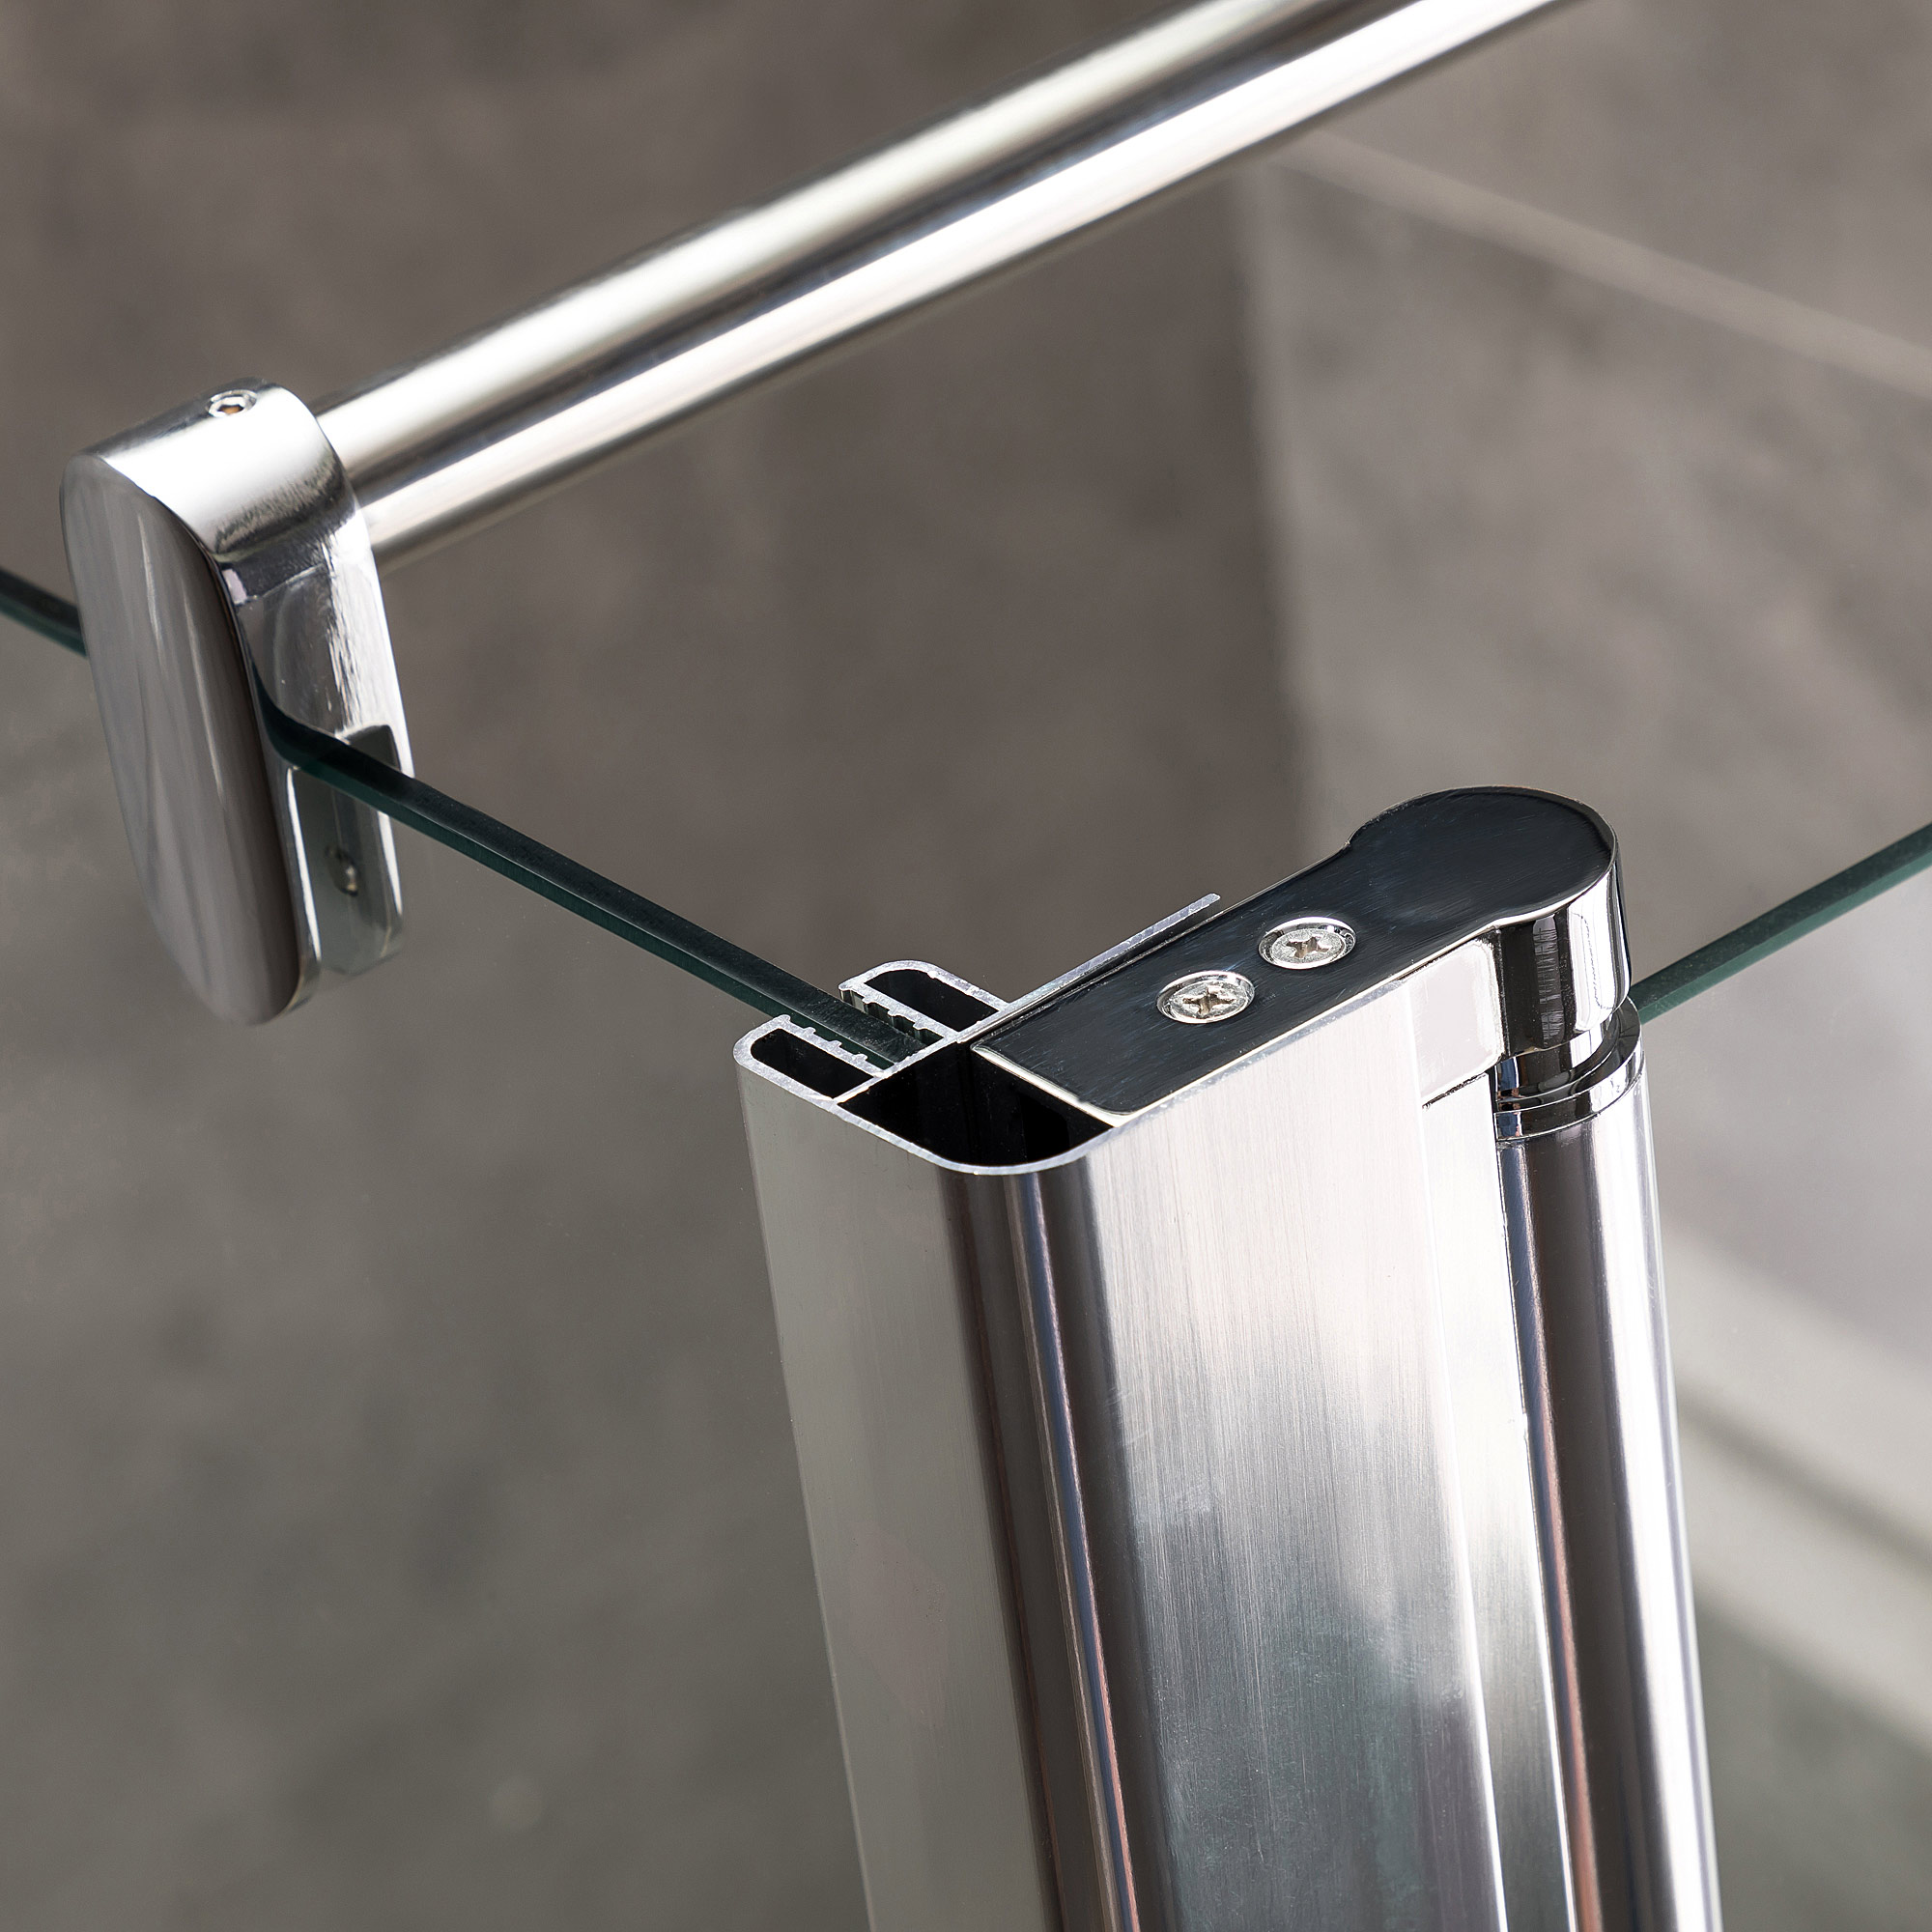 Viesta Duschwand, Duschtrennwand DWP70 - inkl. Eckpaneel (30 cm) - Duschabtrennung aus ESG Sicherheitsglas mit Nano-Beschichtung und Montagezubehör 70x195 cm